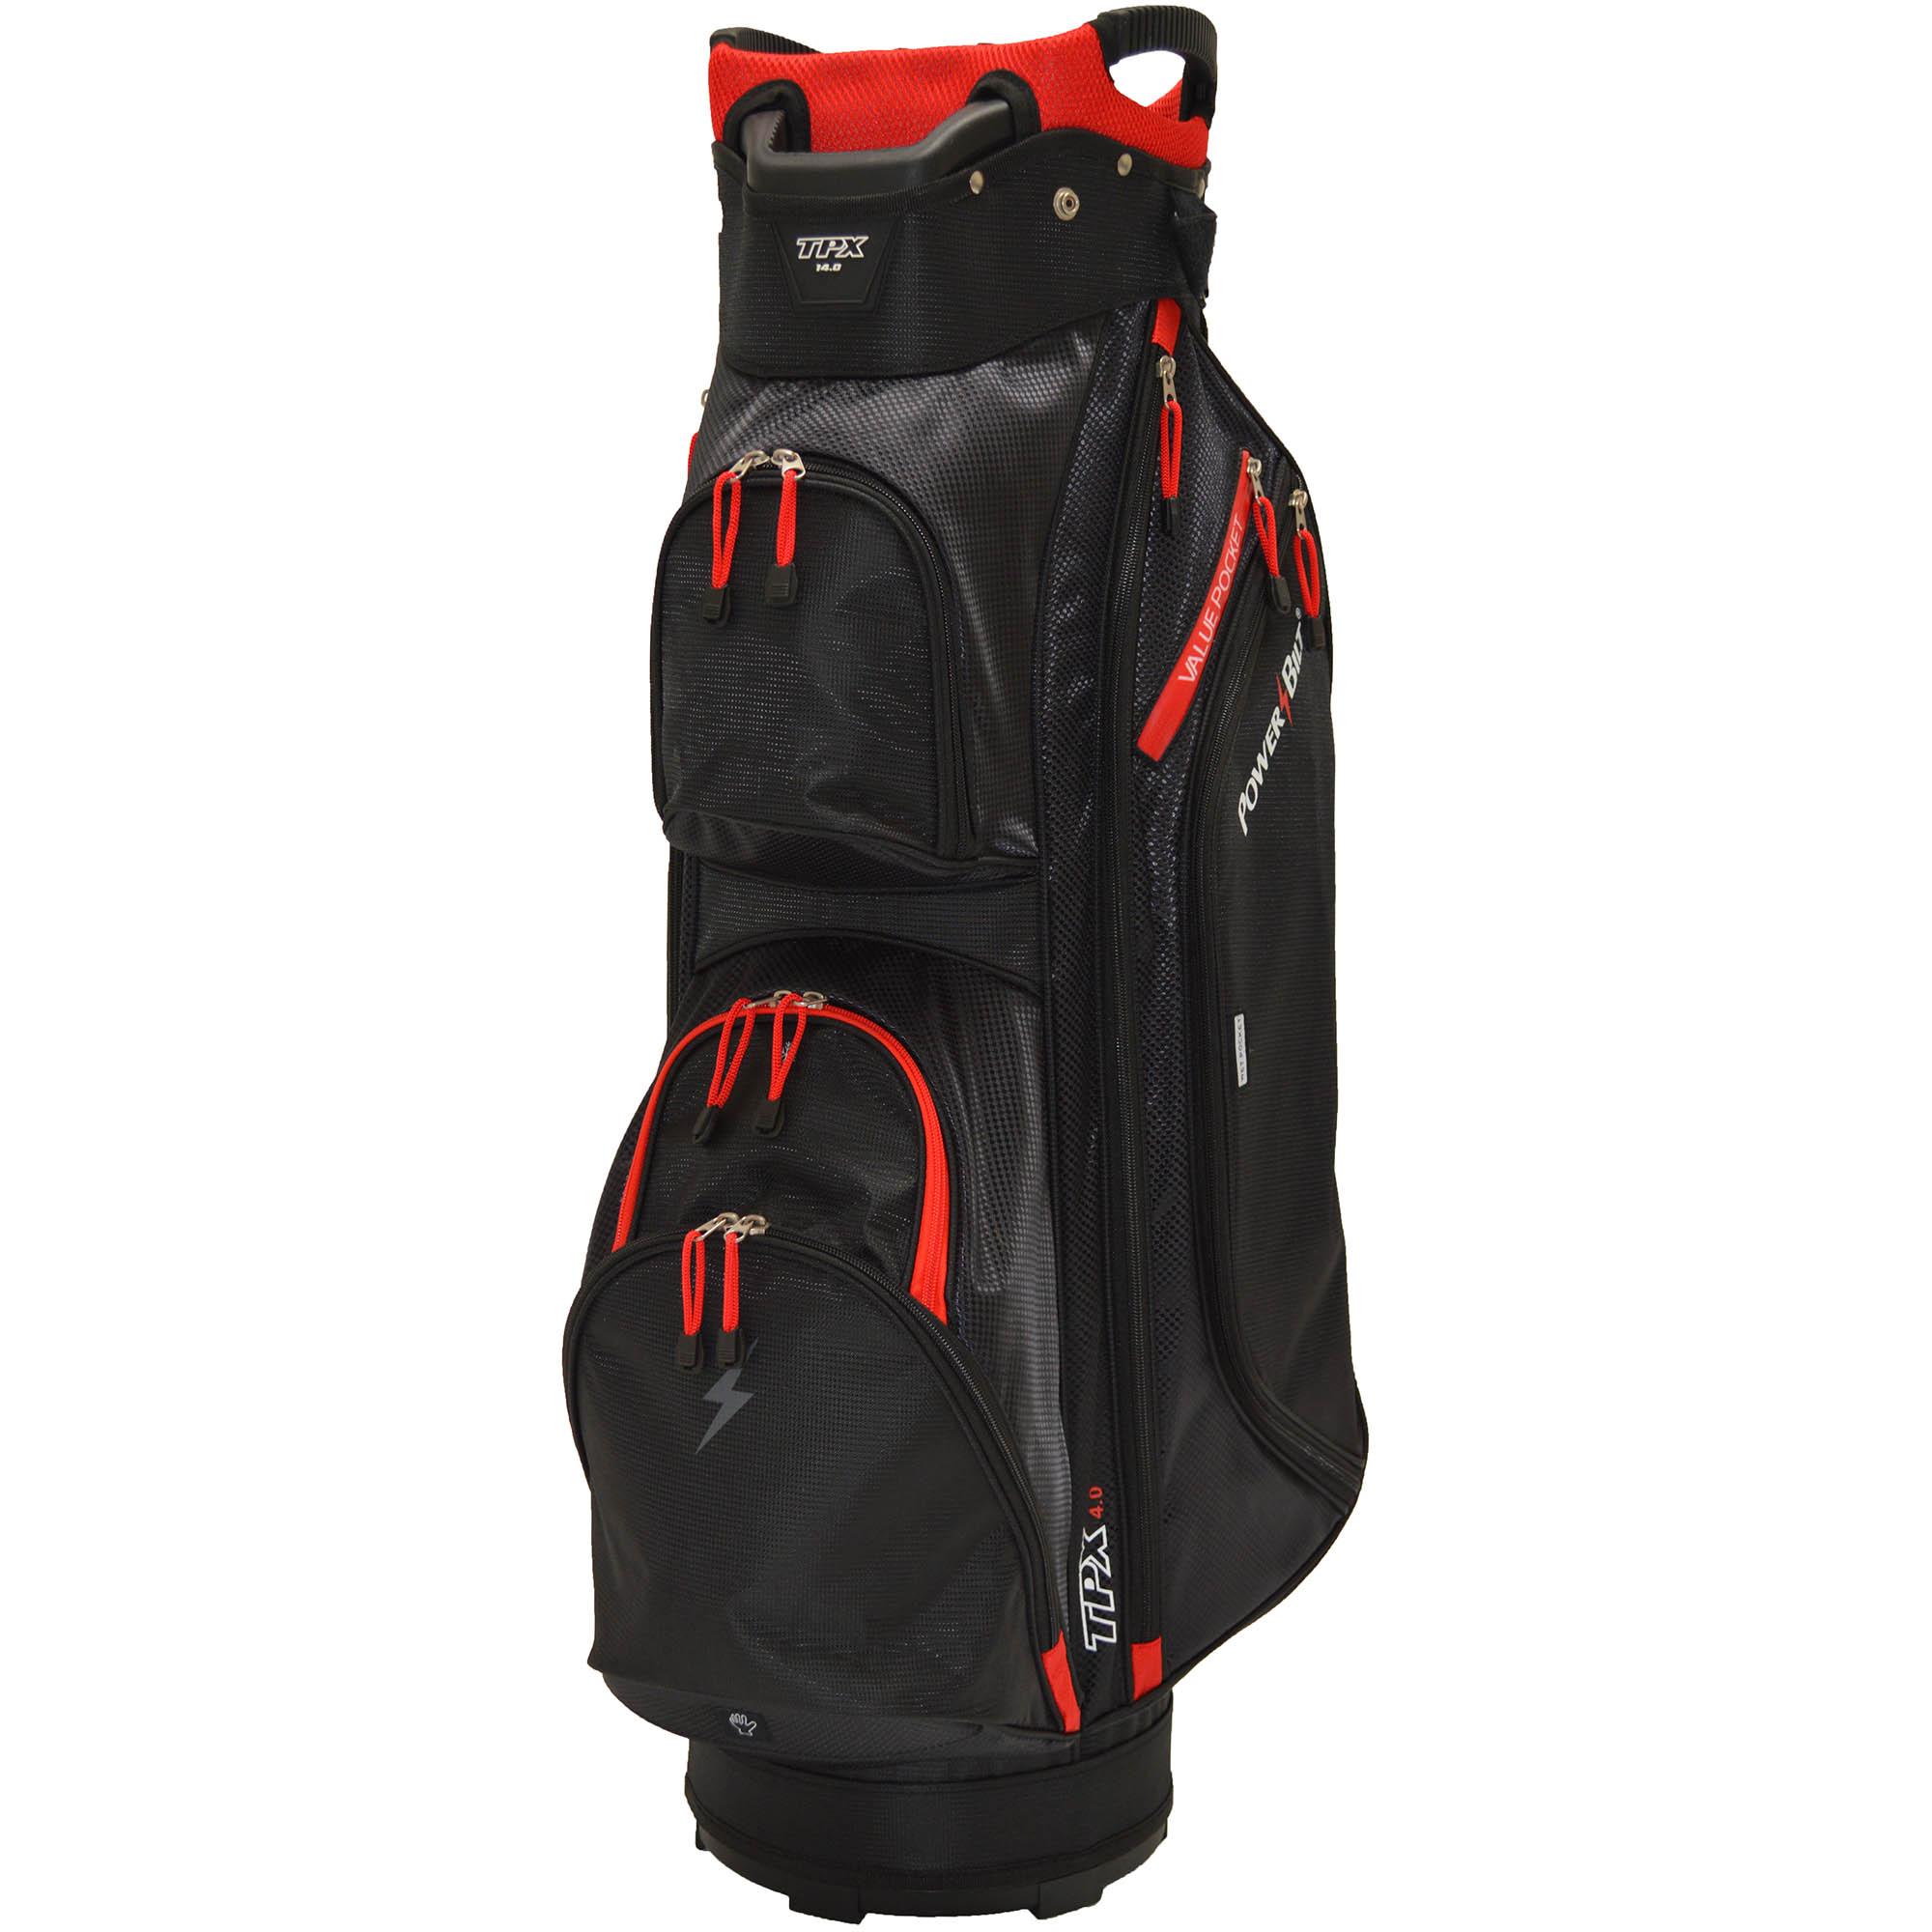 PowerBilt TPX Cart Bag